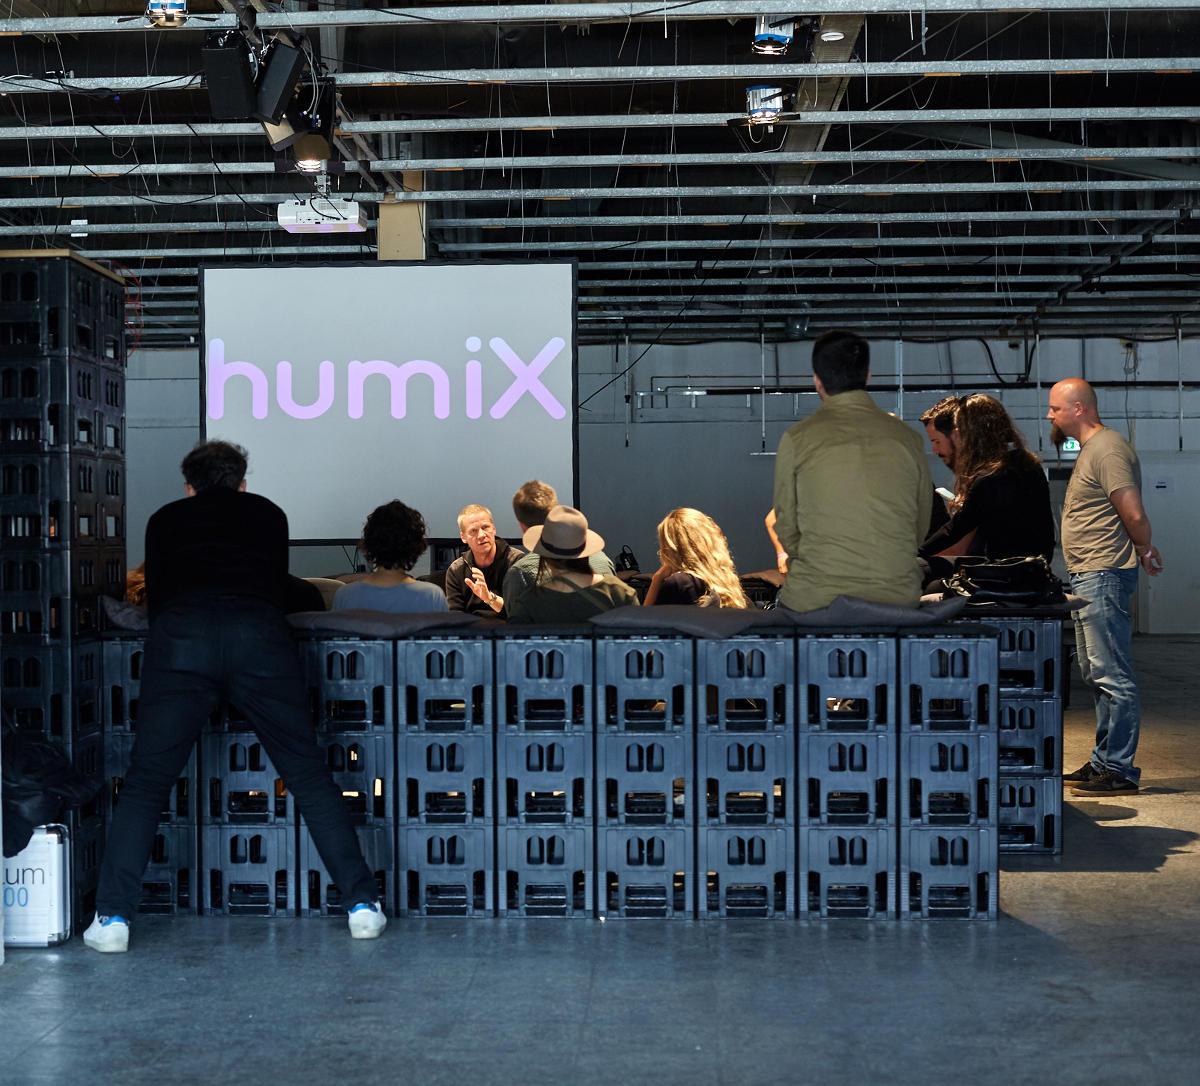 image für website von cratedesign_dem event mobiliar zum mieten aus ungelabelten getraenkekisten aus berlin_mit der beschriftung_img-cratedesign-inspiration-humix-humix_my ass_diskussion